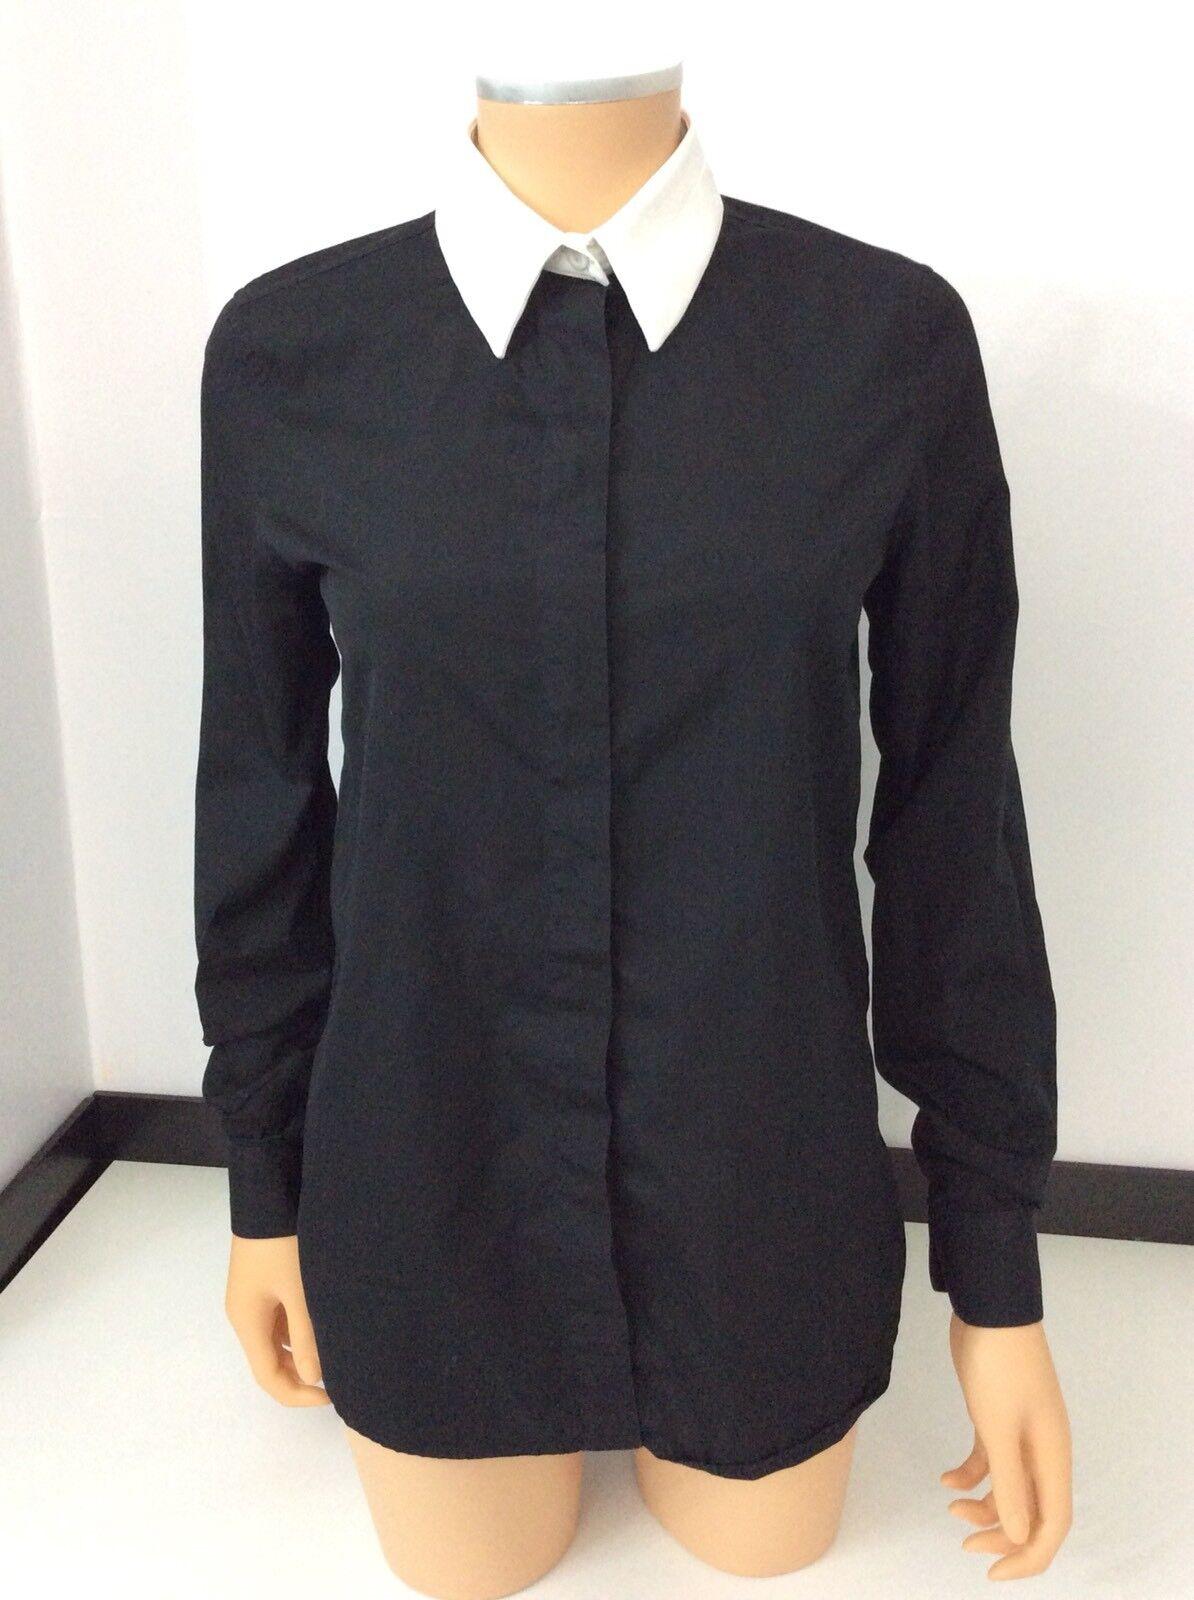 Givenchy Paris Negro Camisa azulsa Prenda para  el torso Talla 36 Reino Unido 8 blancoo Manga Larga Cuello en muy buena condición  tienda en linea